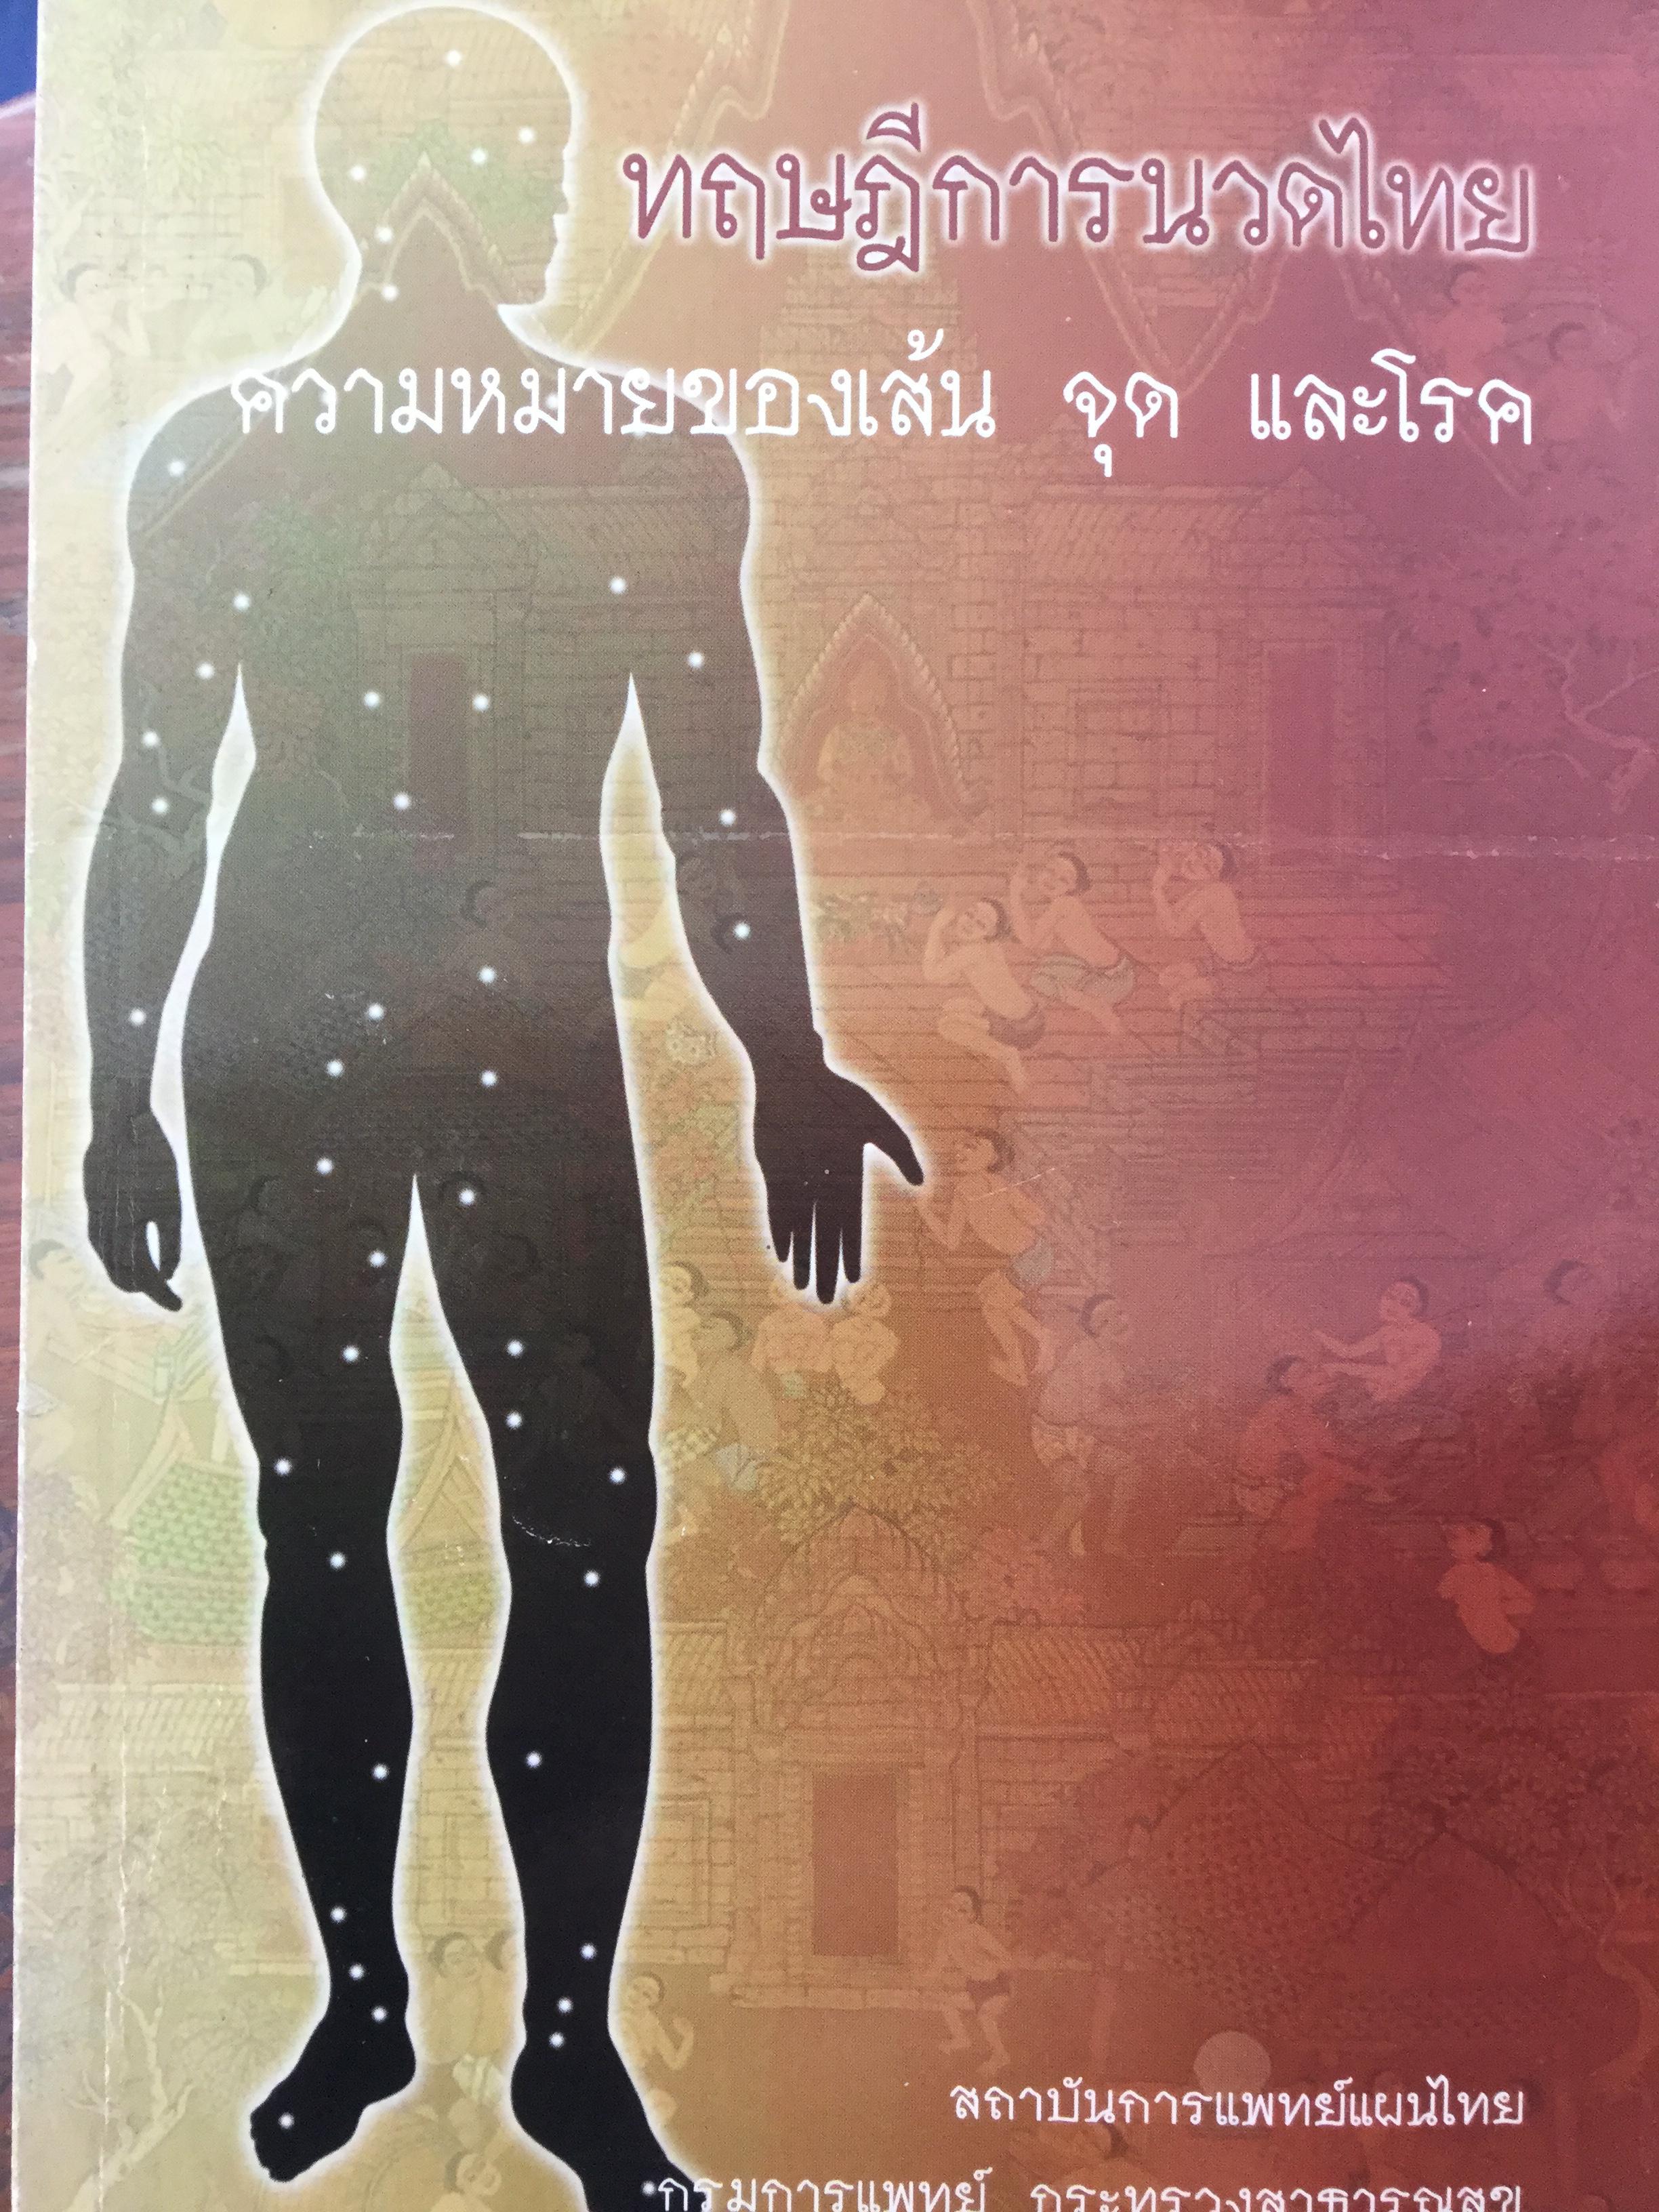 ทฤษฎีการนวดไทย ความหมายของเส้น จุด และโรค สถาบันการแพทย์แผนไทย กรมการแพทย์ กระทรวงสาธารณสุข